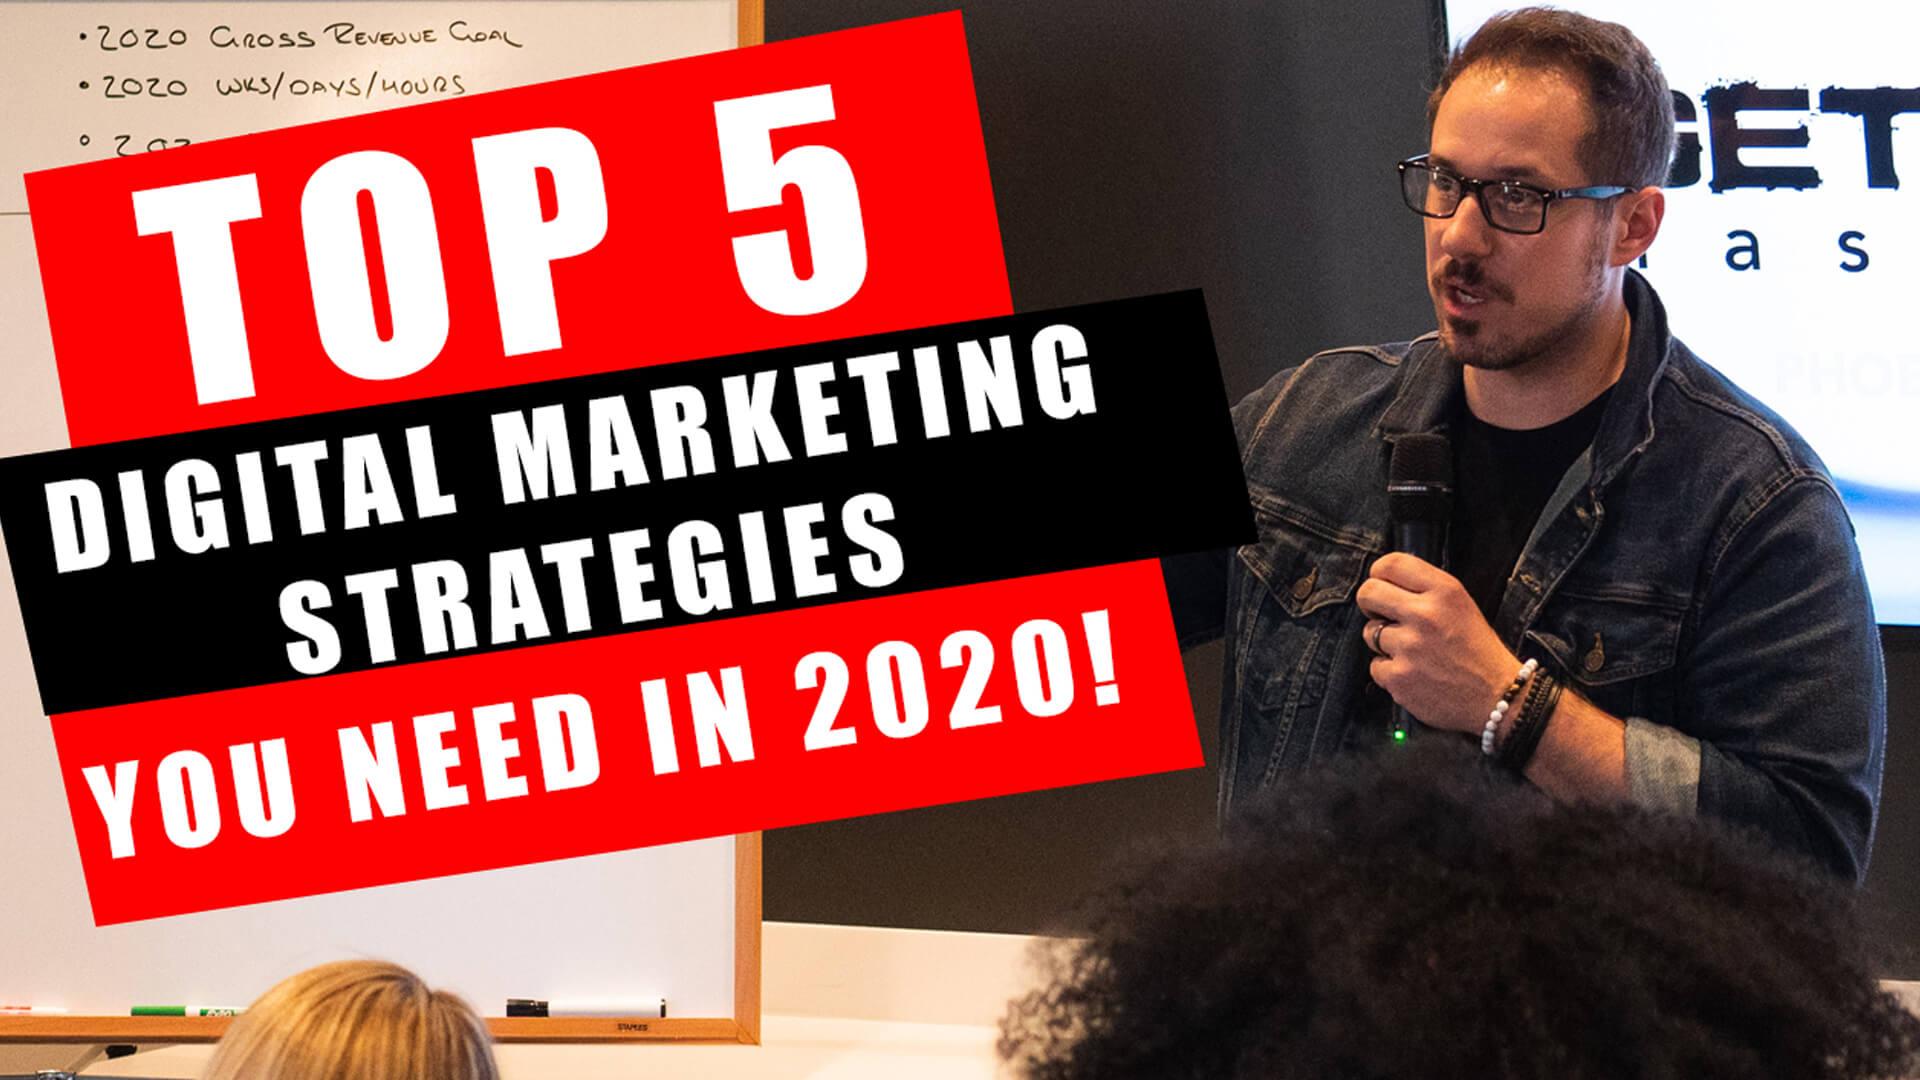 Top 5 Digital Marketing Strategies You Need in 2020